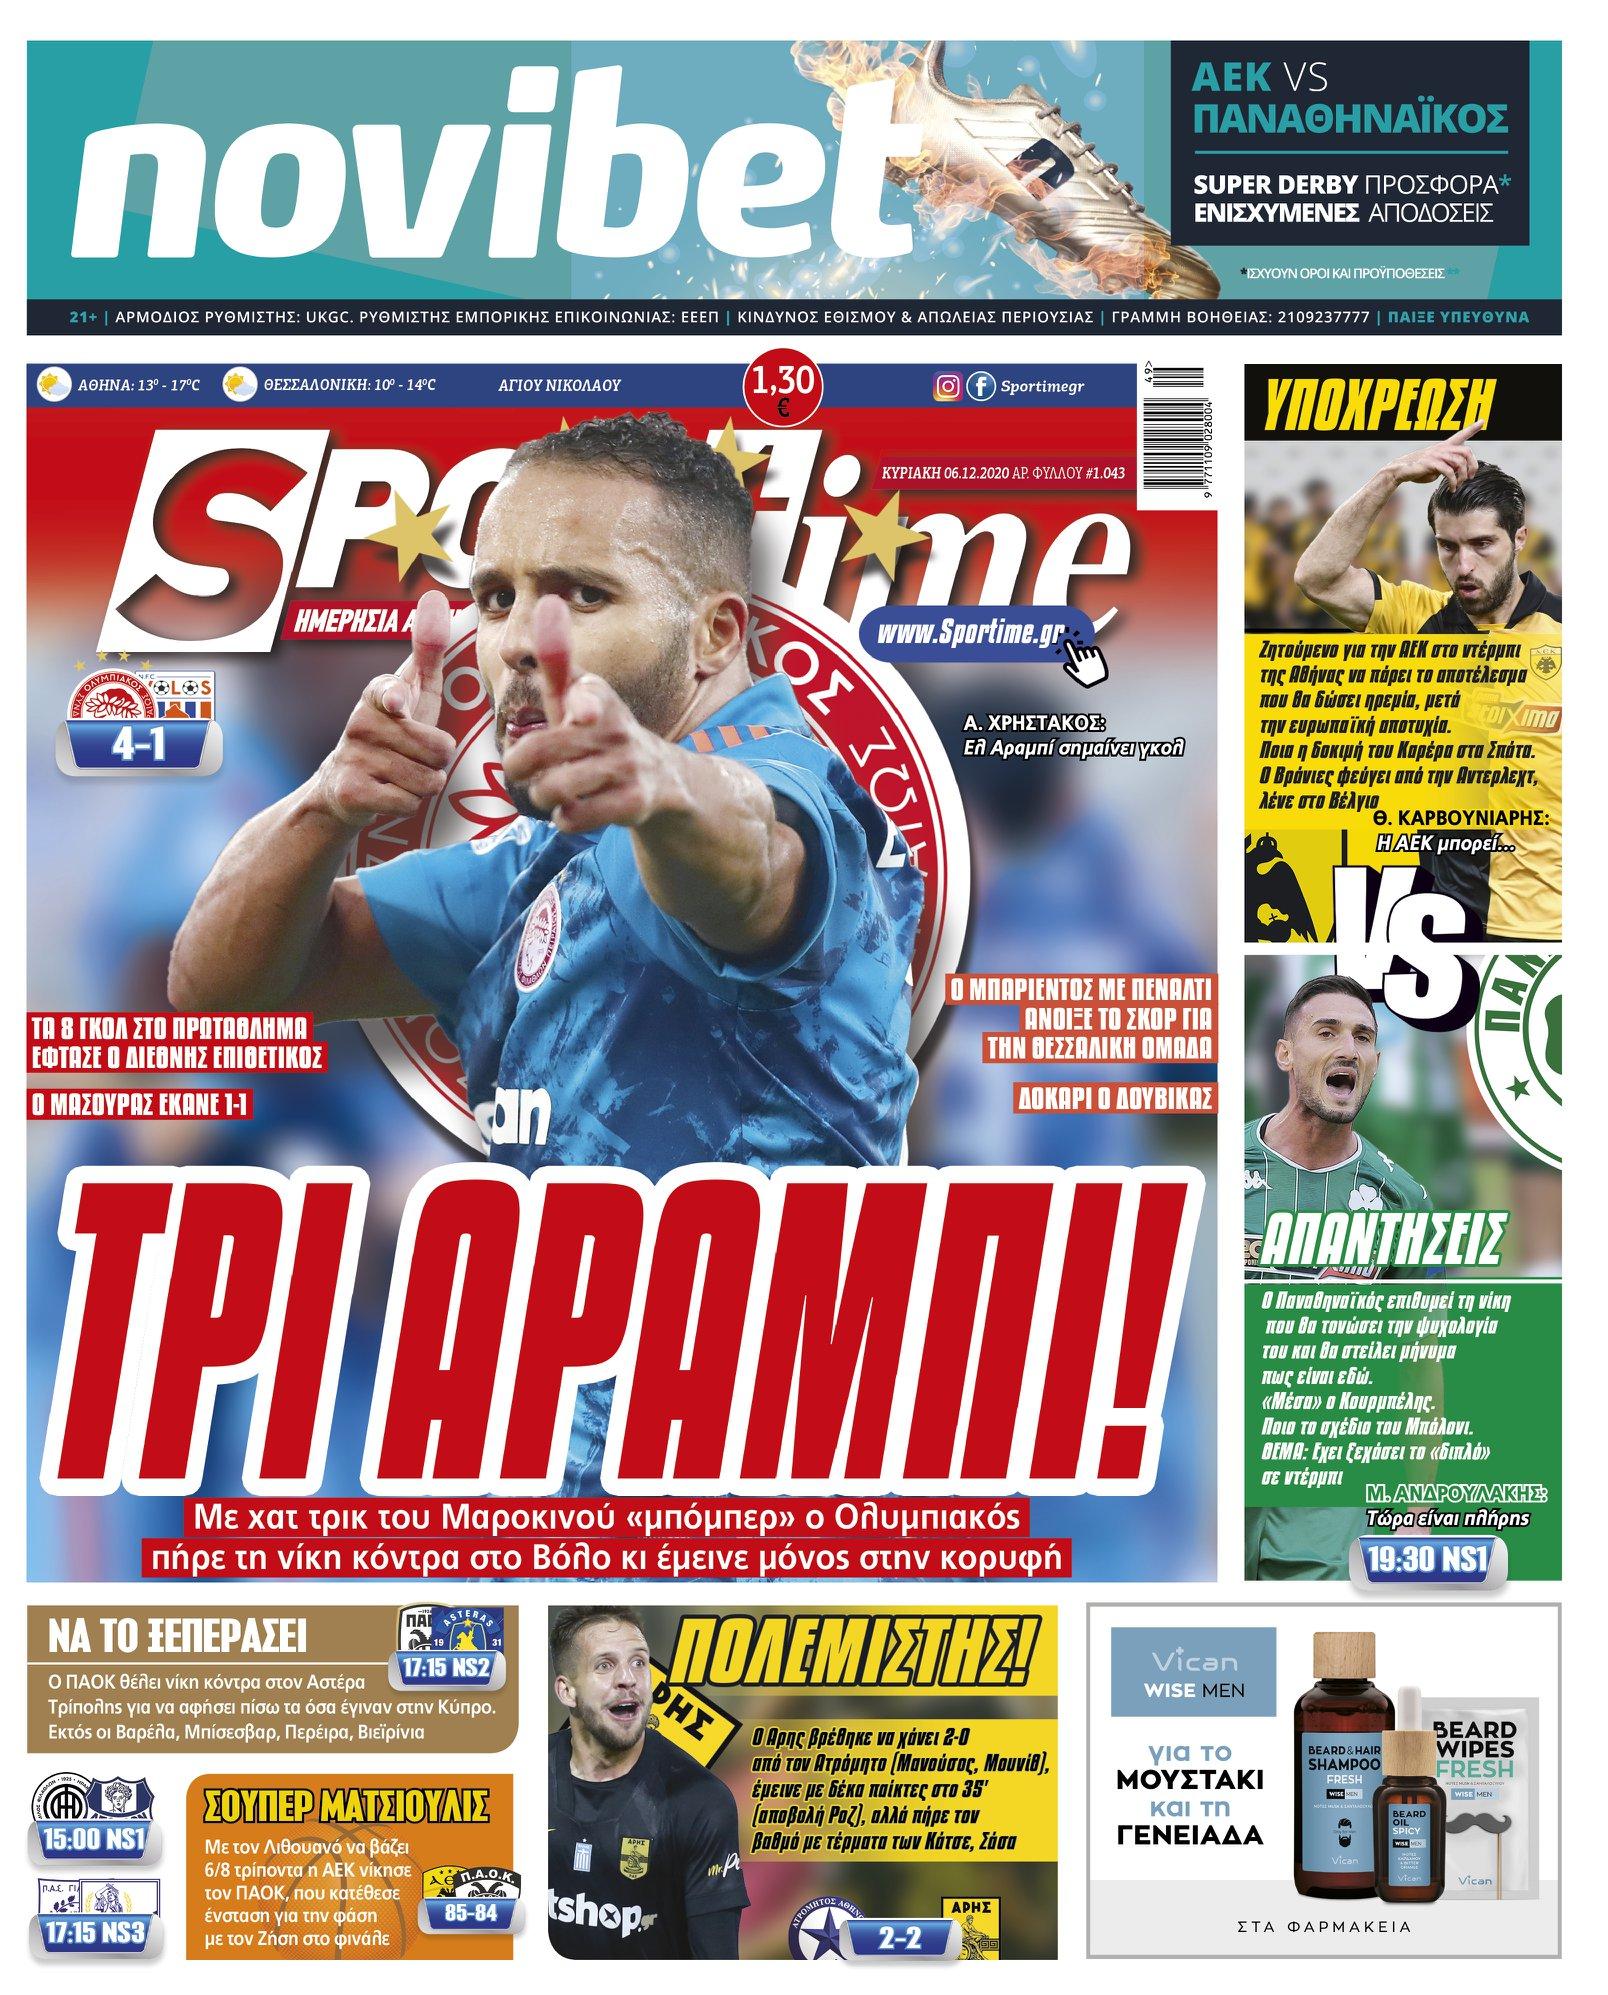 Εφημερίδα SPORTIME - Εξώφυλλο φύλλου 6/12/2020